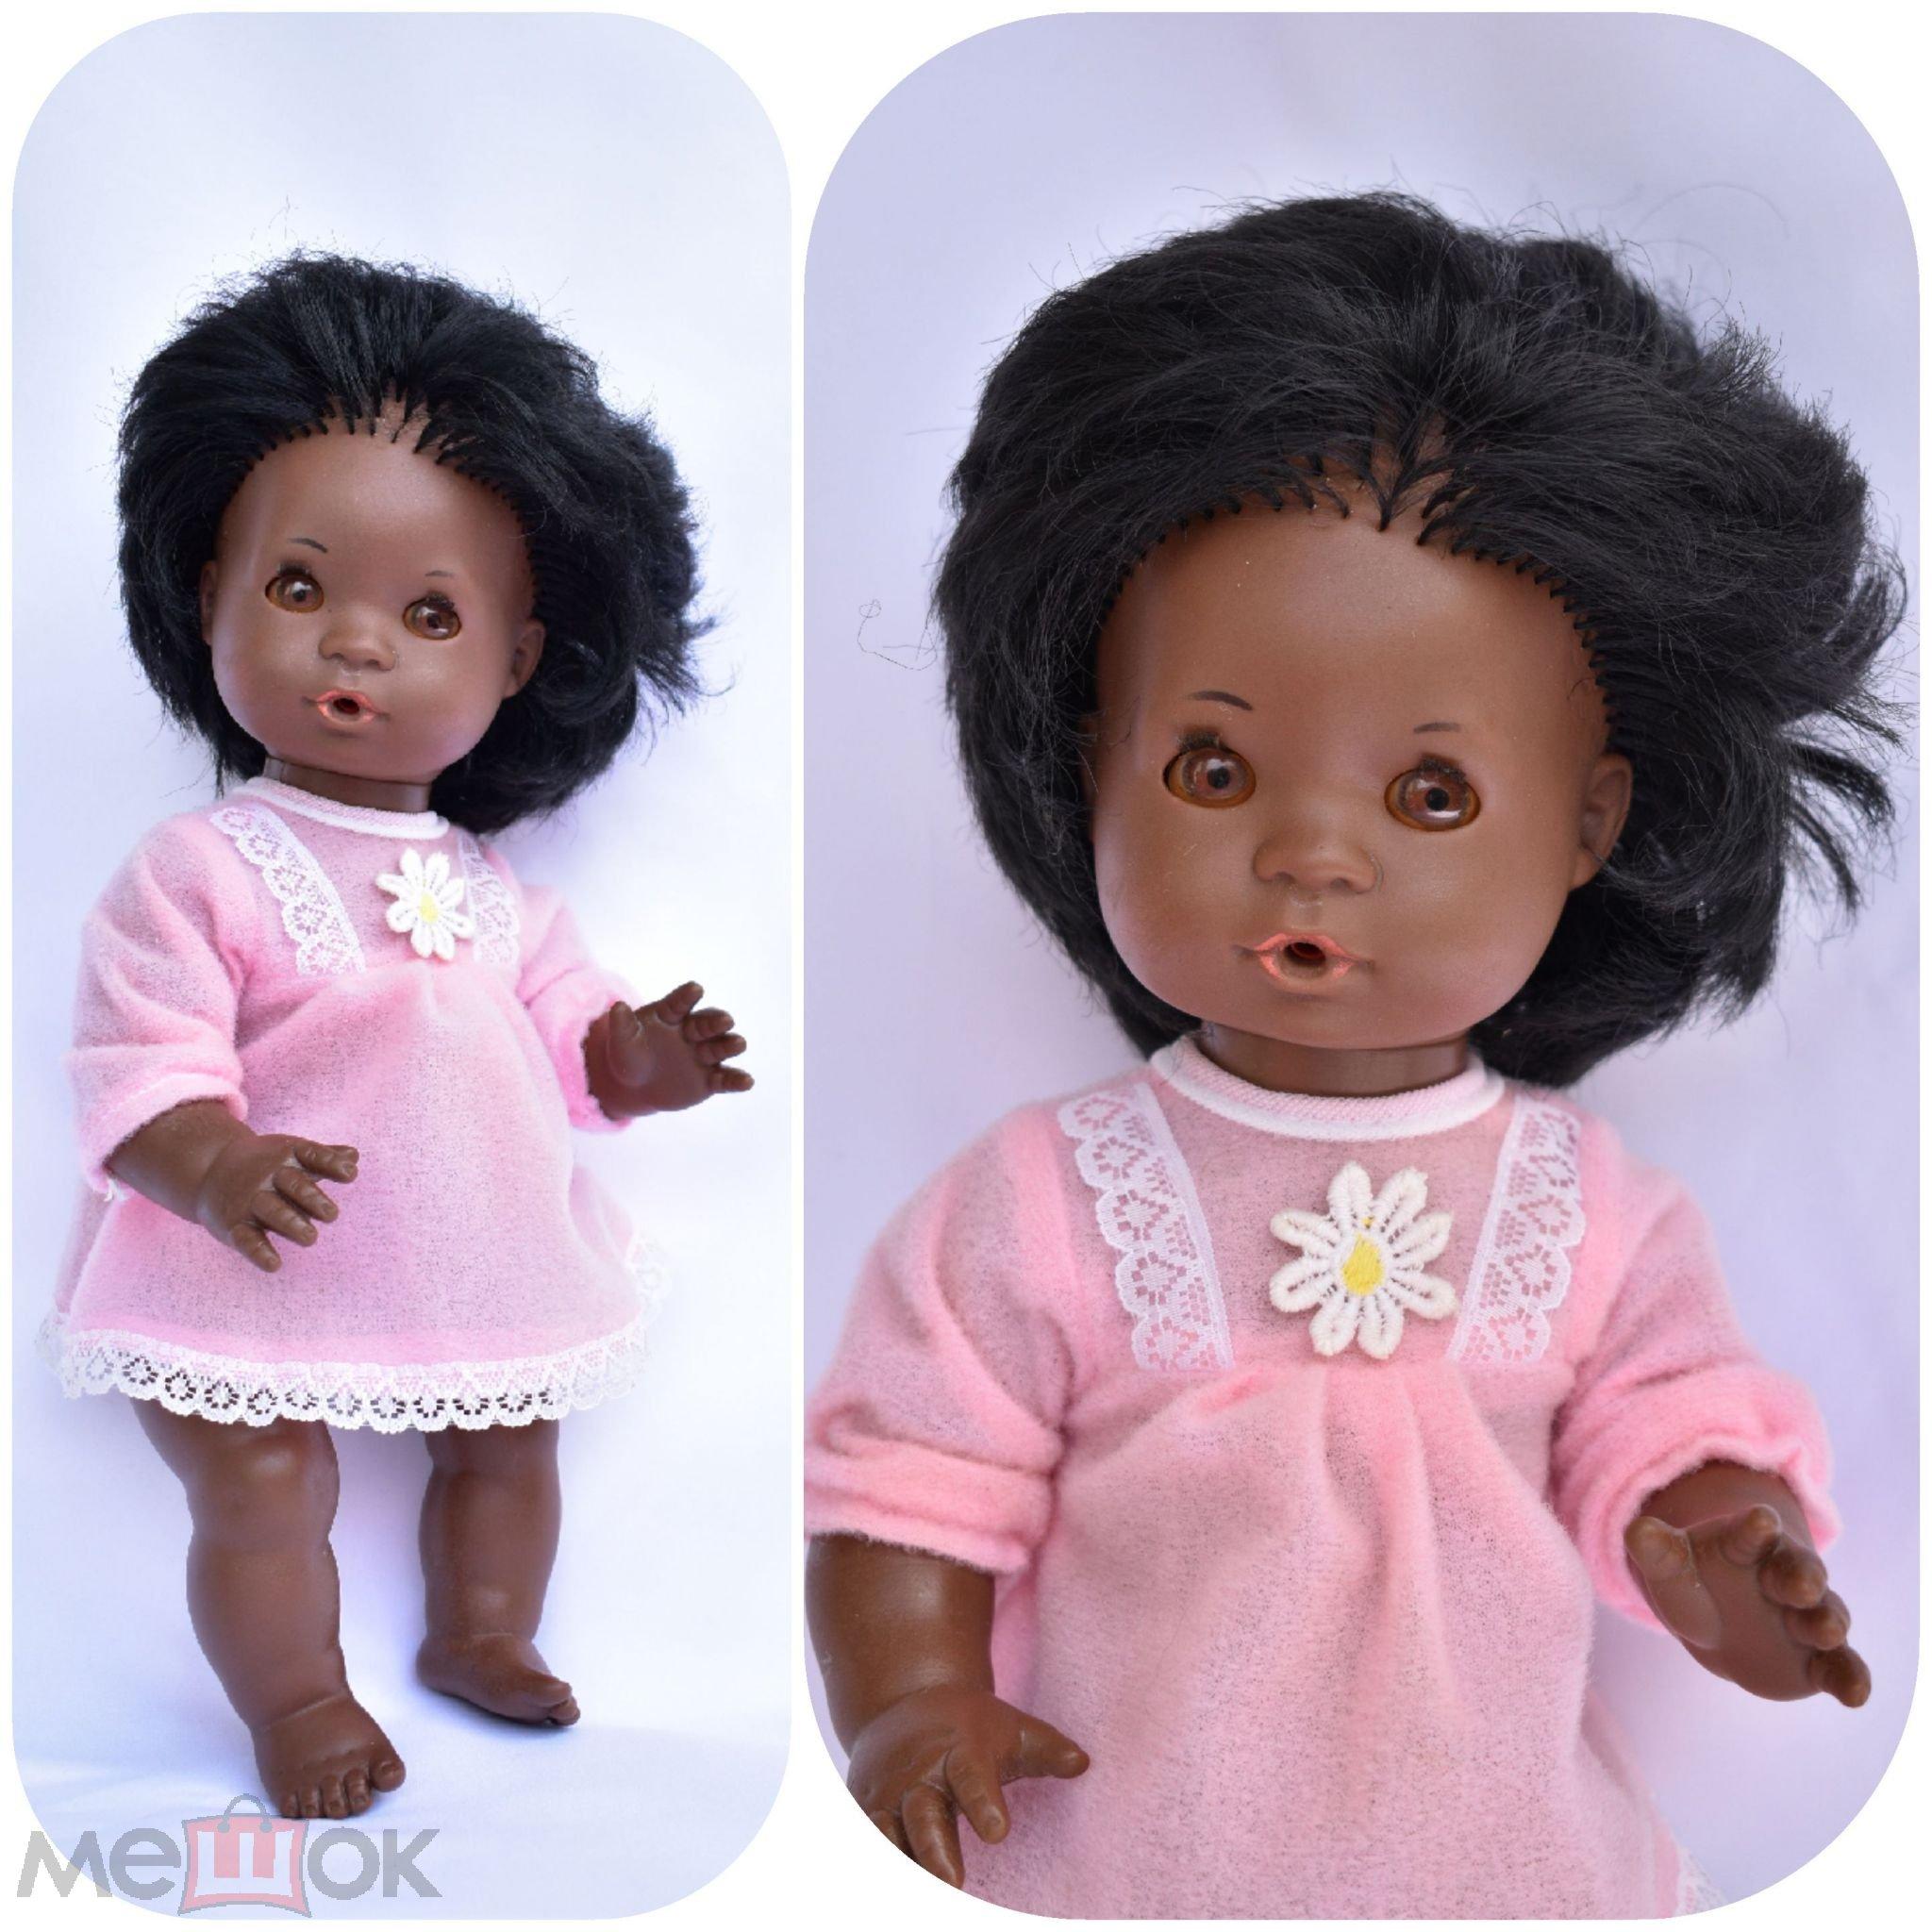 Кукла негритянка,мулатка,негритёнок,негр, Schildkrоt Черепаха Шильдкрет,32 см.Черепашка африканка